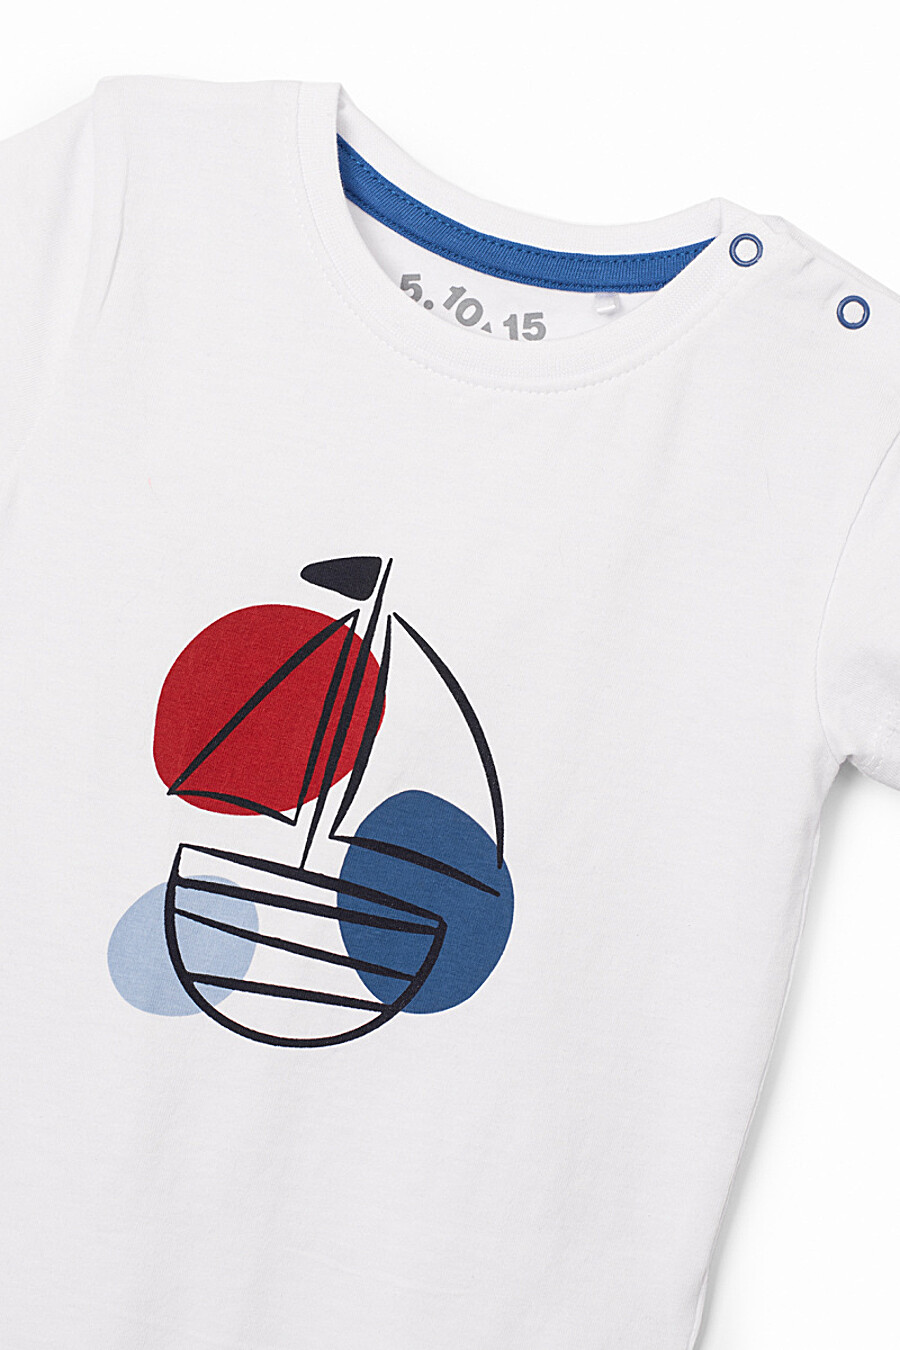 Боди для мальчиков 5.10.15 668501 купить оптом от производителя. Совместная покупка детской одежды в OptMoyo